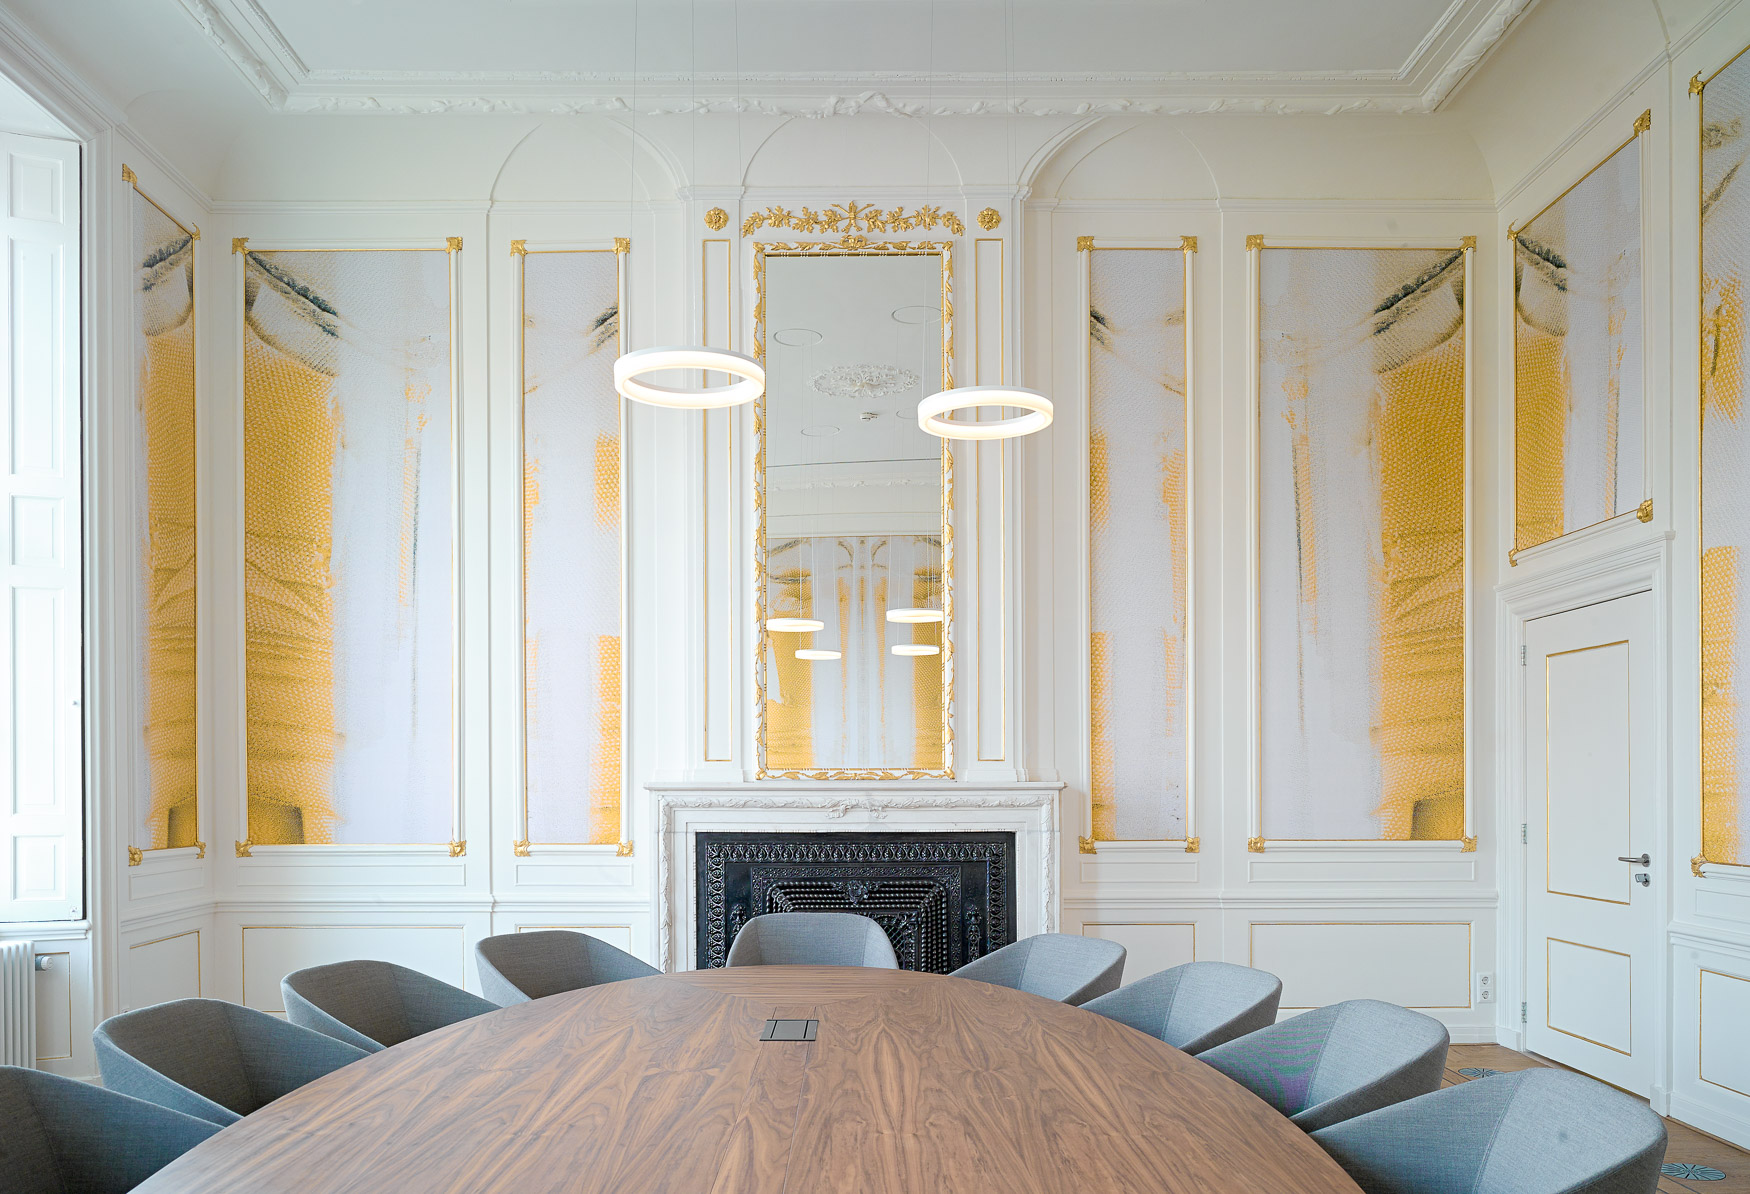 <p>Grote stijlkamer met spiegel/ foto Maarten Noordijk</p>